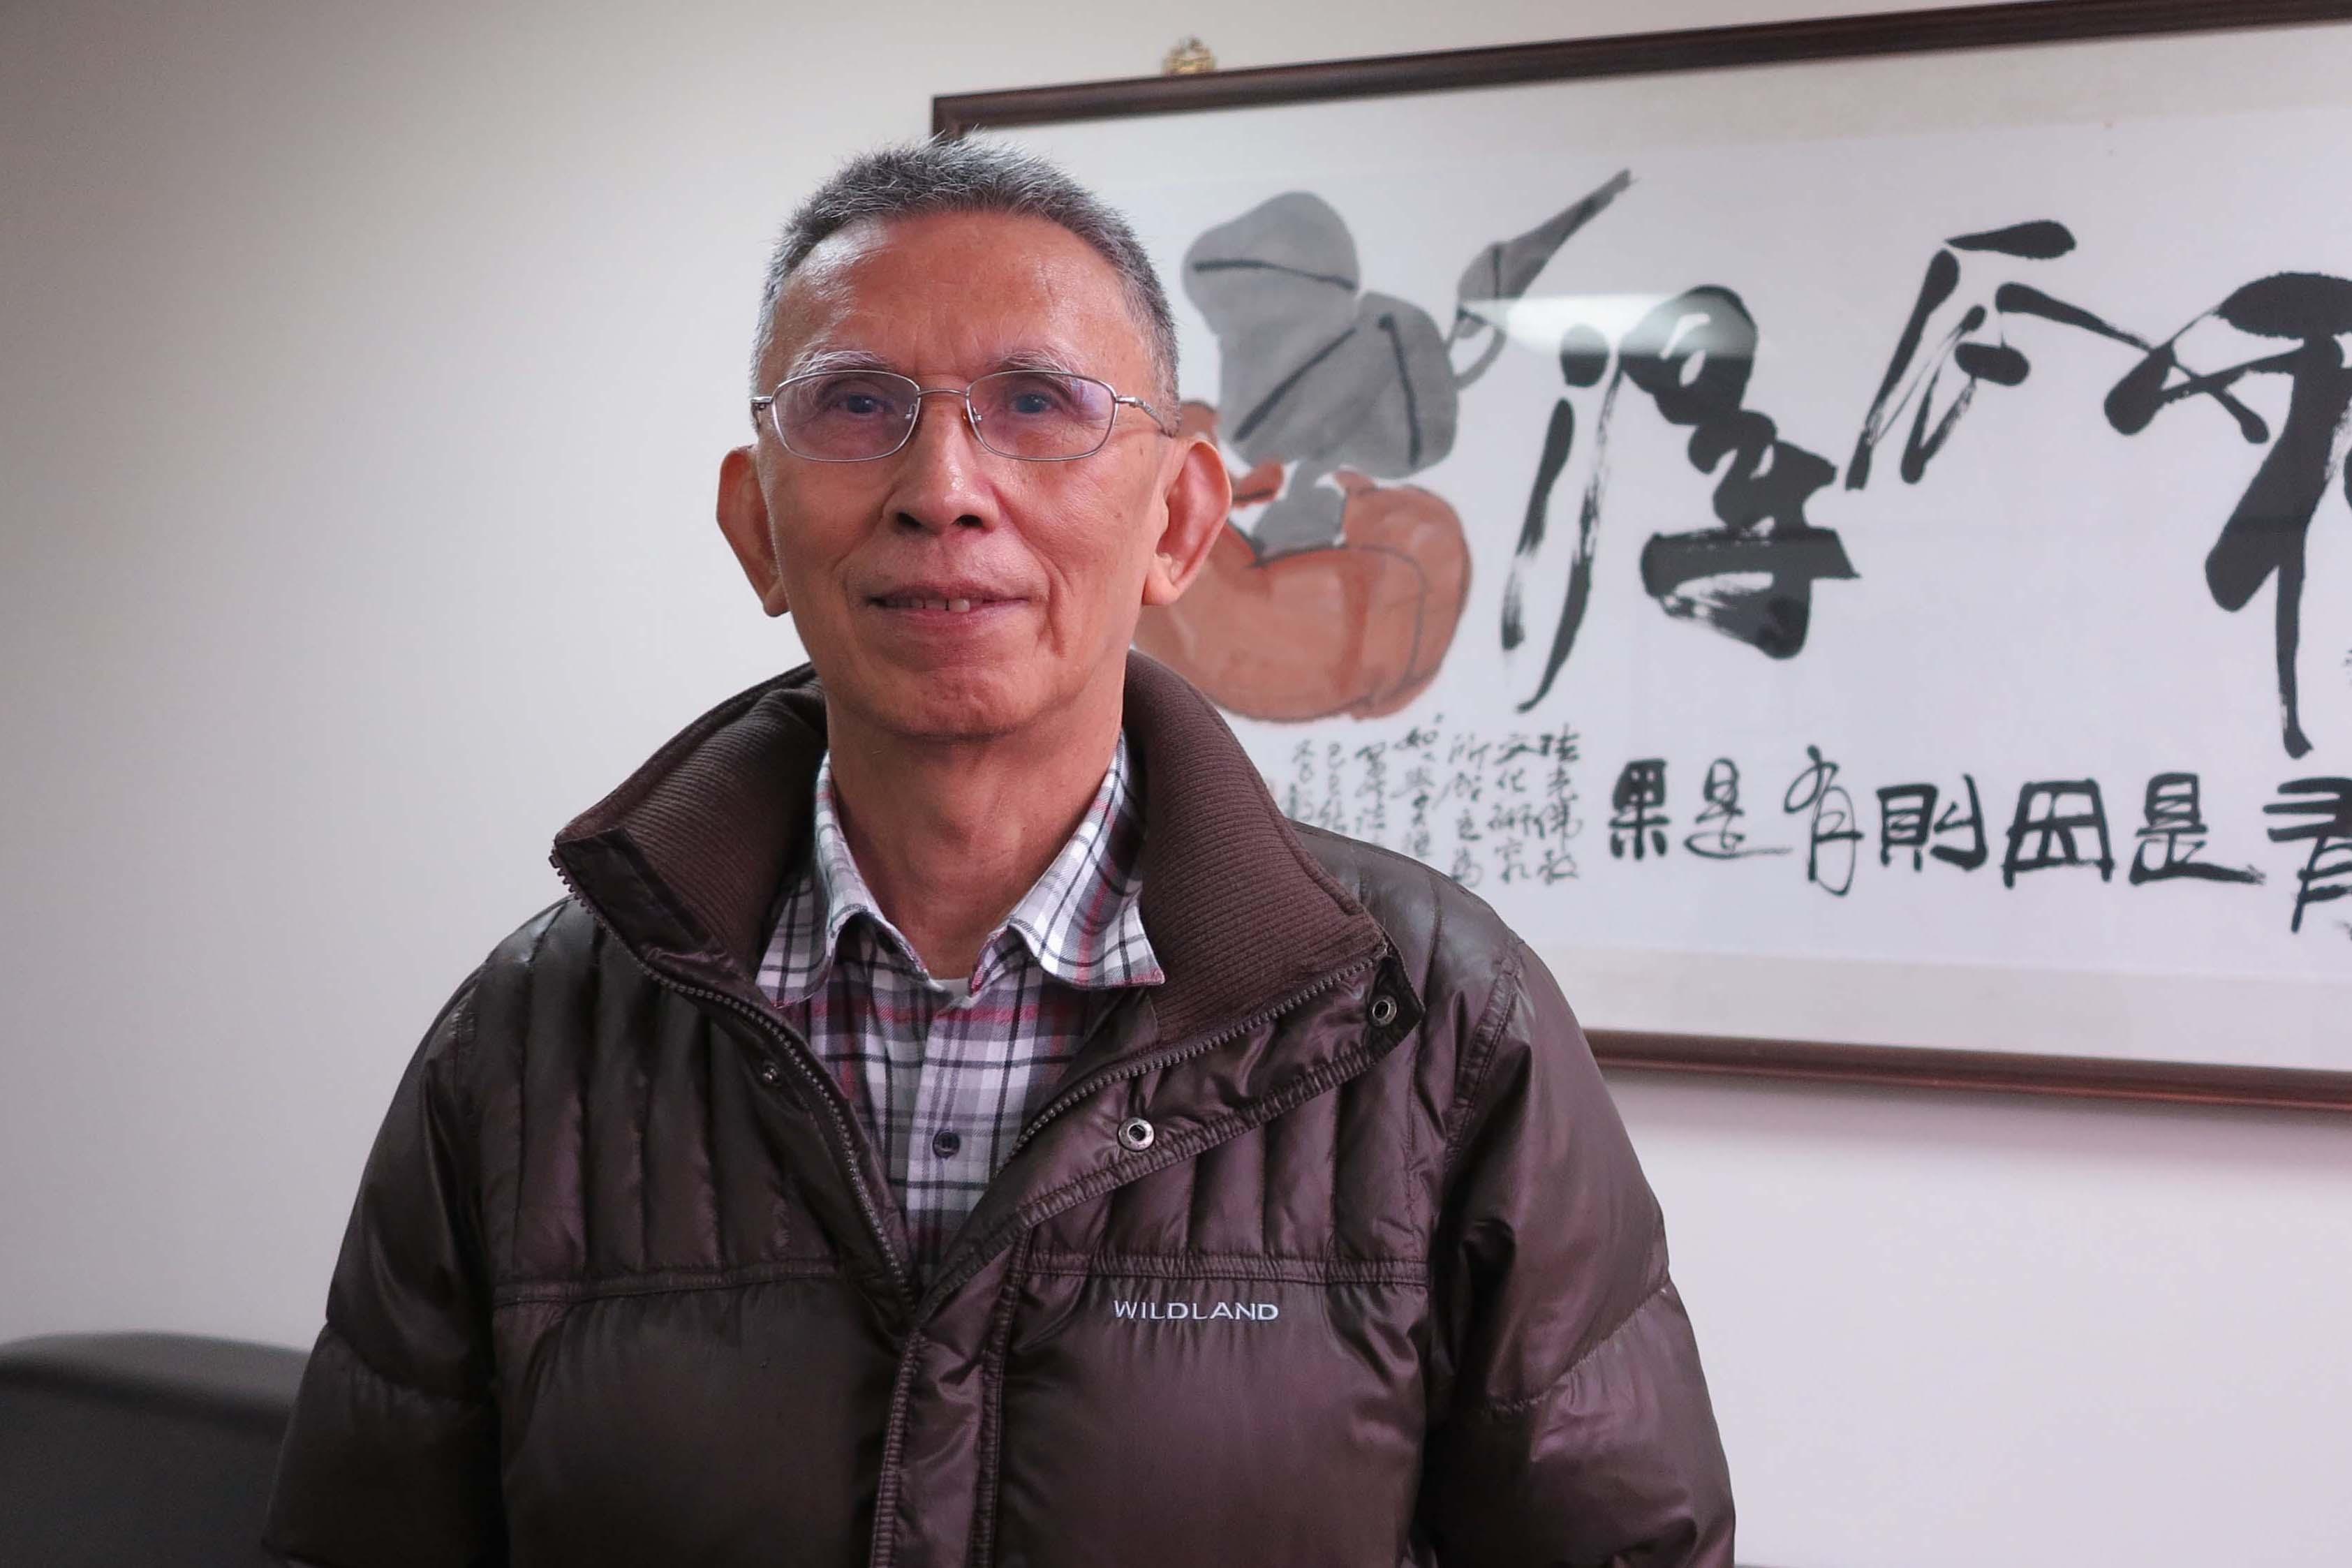 蕭金松教授